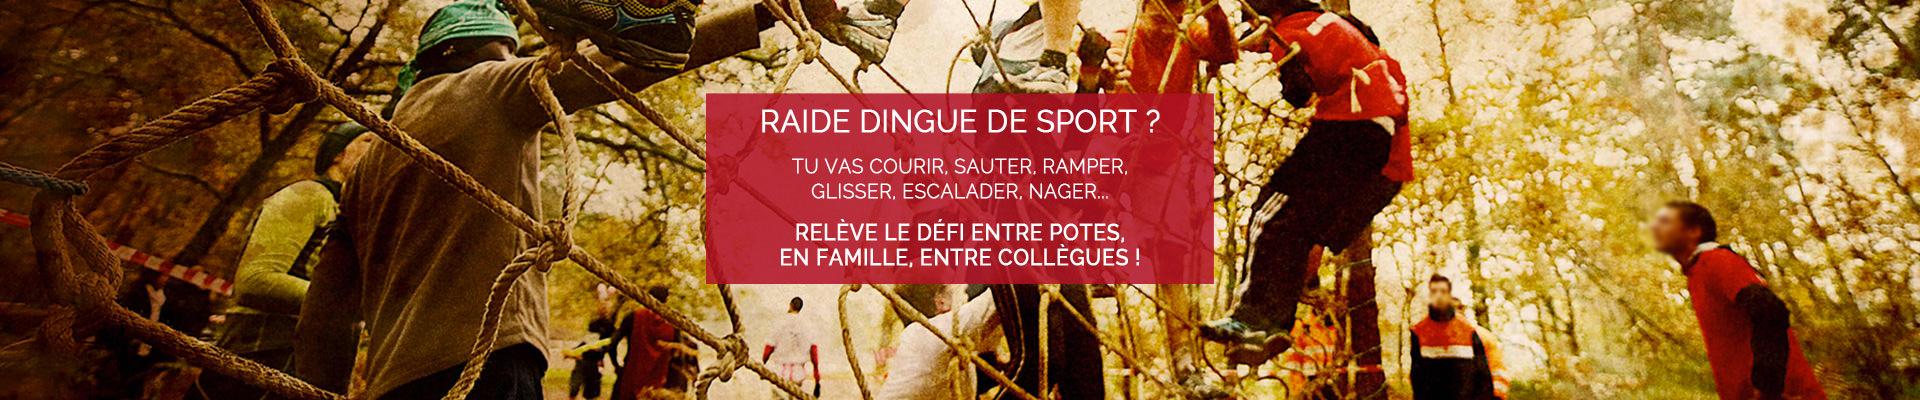 sport-raid-dingue-hossegor